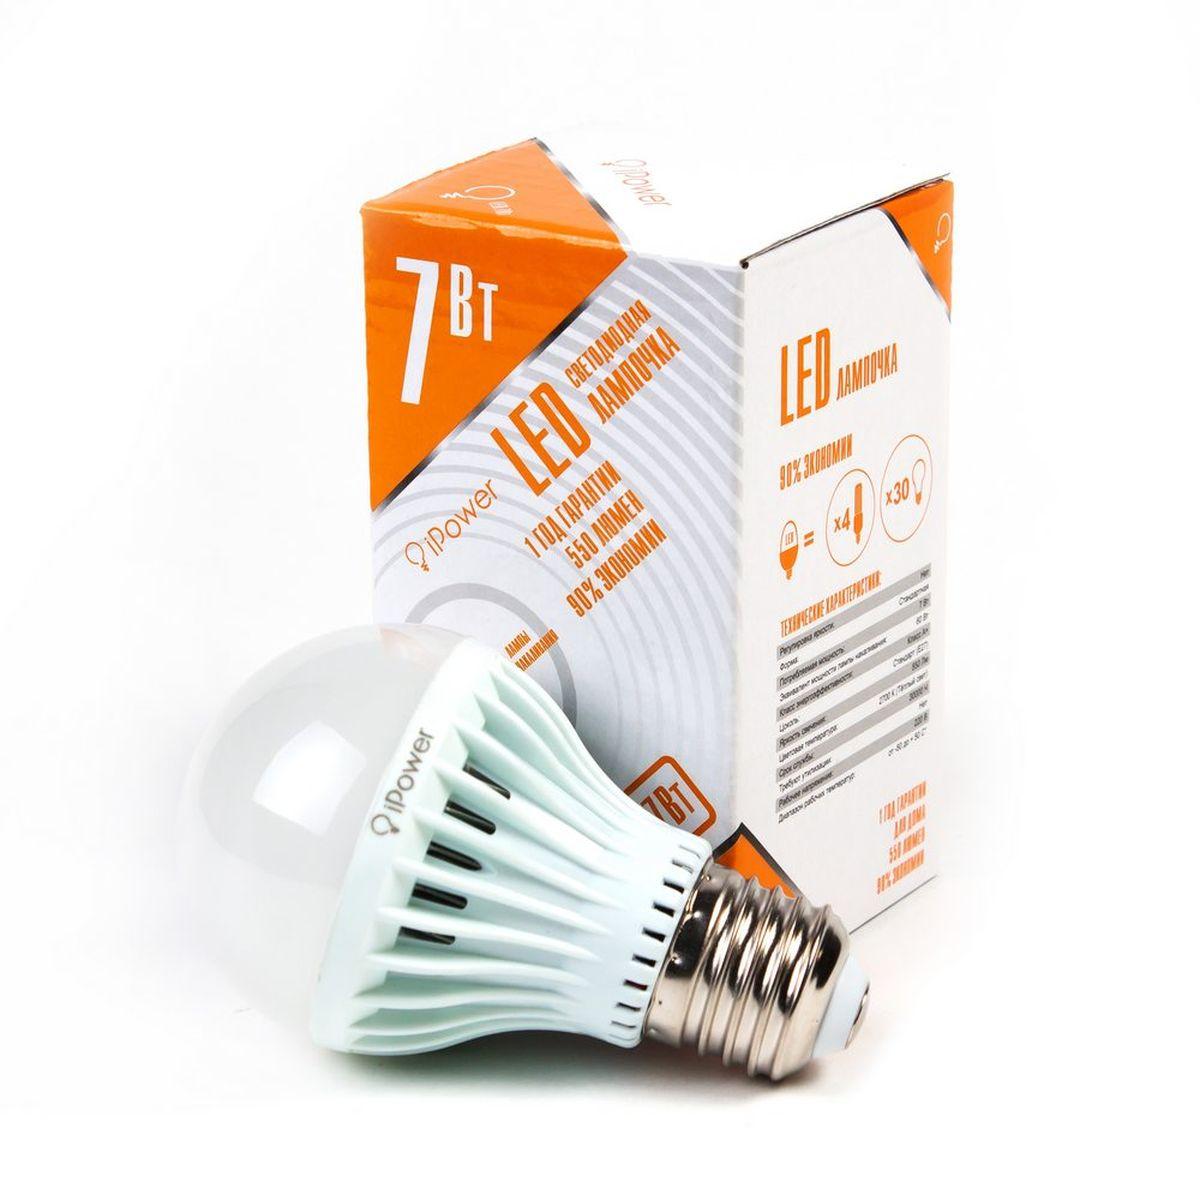 Лампа светодиодная iPower, цоколь Е27, 7W, 2700К1001950Светодиодная лампа iPower имеет очень низкое энергопотребление. В сравнении с лампами накаливания LED потребляет в 12 раз меньше электричества, а в сравнении с энергосберегающими - в 2-4 раза меньше. При этом срок службы LED лампочки в 5 раз выше, чем энергосберегающей, и в 50 раз выше, чем у лампы накаливания. Светодиодная лампа iPower создает мягкий рассеивающий свет без мерцаний, что совершенно безопасно для глаз. Она специально разработана по требованиям российских и европейских законов и подходит ко всем осветительным устройствам, совместимым со стандартным цоколем E27. Использование светодиодов от мирового лидера Epistar - это залог надежной и стабильной работы лампы. Теплый оттенок света лампы по световой температуре соответствует обычной лампе накаливания и позволит создать уют в доме и местах отдыха. Диапазон рабочих температур от -50°С до +50°С. Материал: поликарбонат. Потребляемая мощность: 7 Вт. Рабочее напряжение: 220В. Световая...